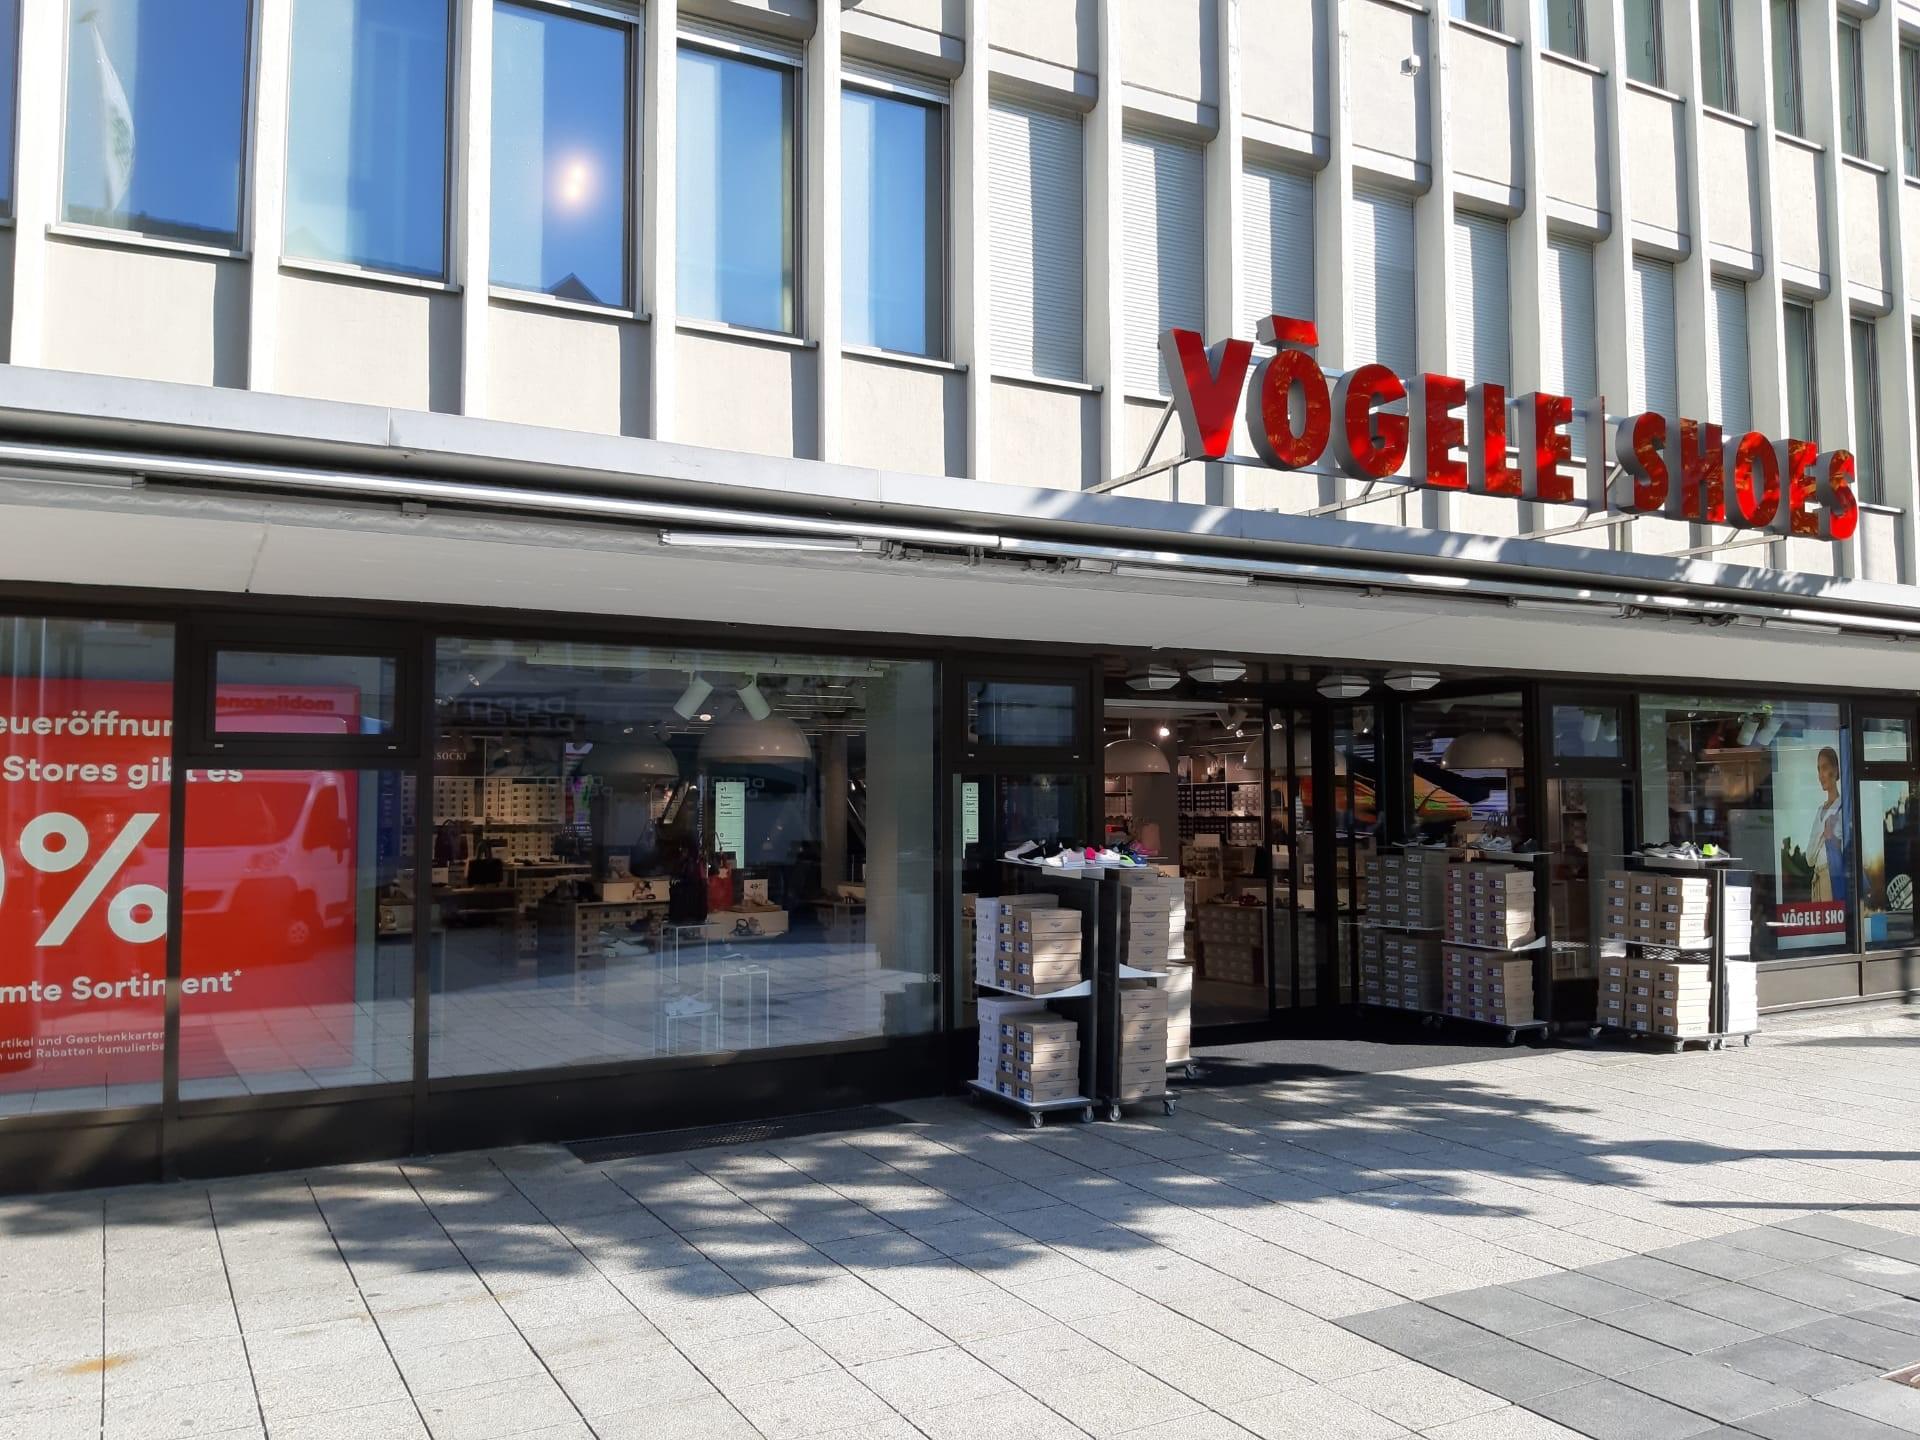 Der Flagship-Store von Vögele Shoes in Wil wurde von ETAVIS realisiert